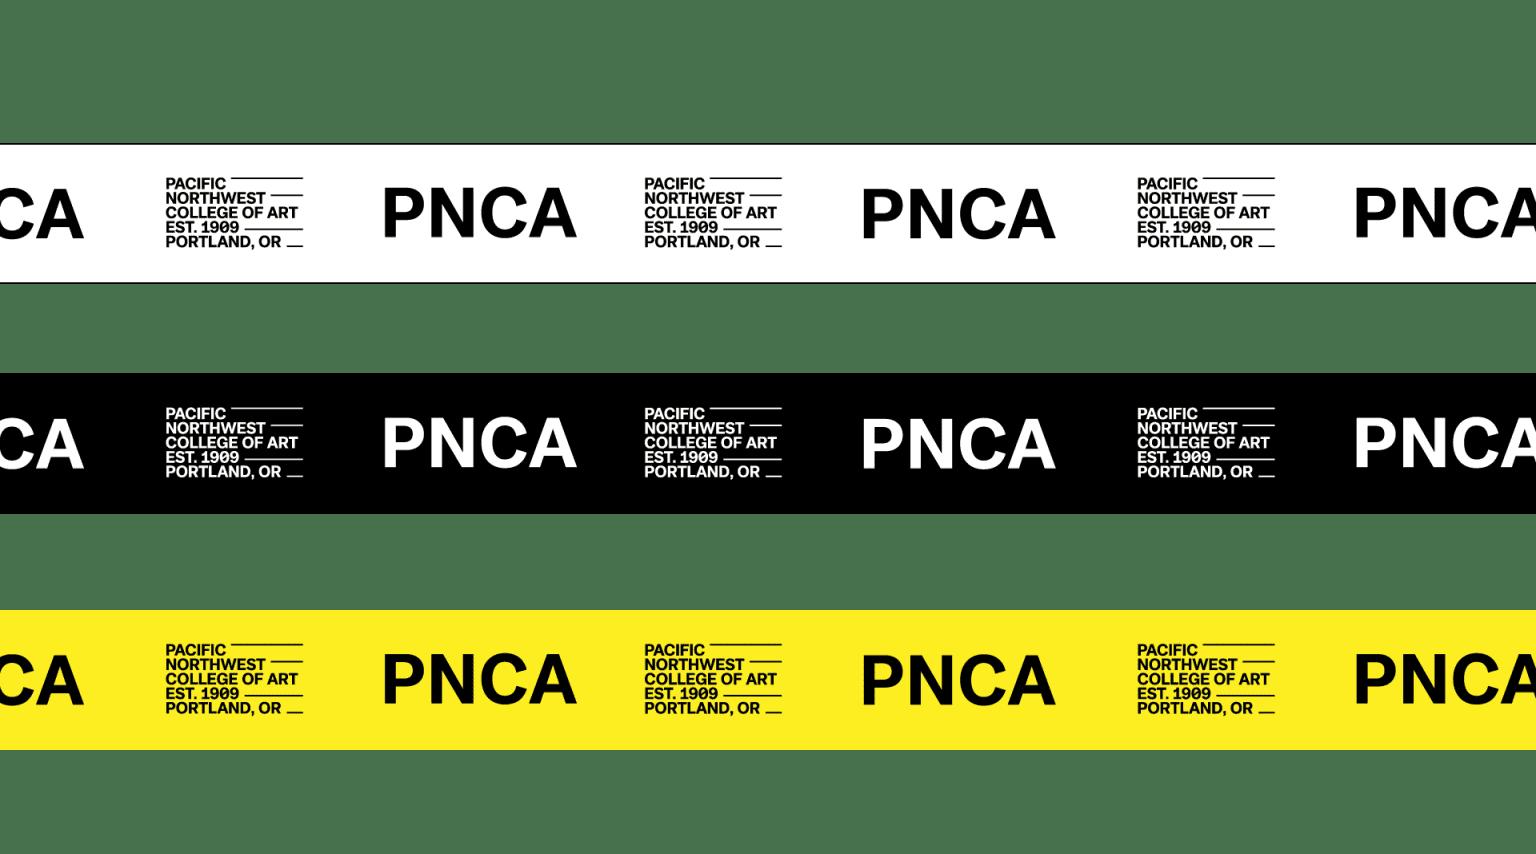 Portland Design Week at PNCA